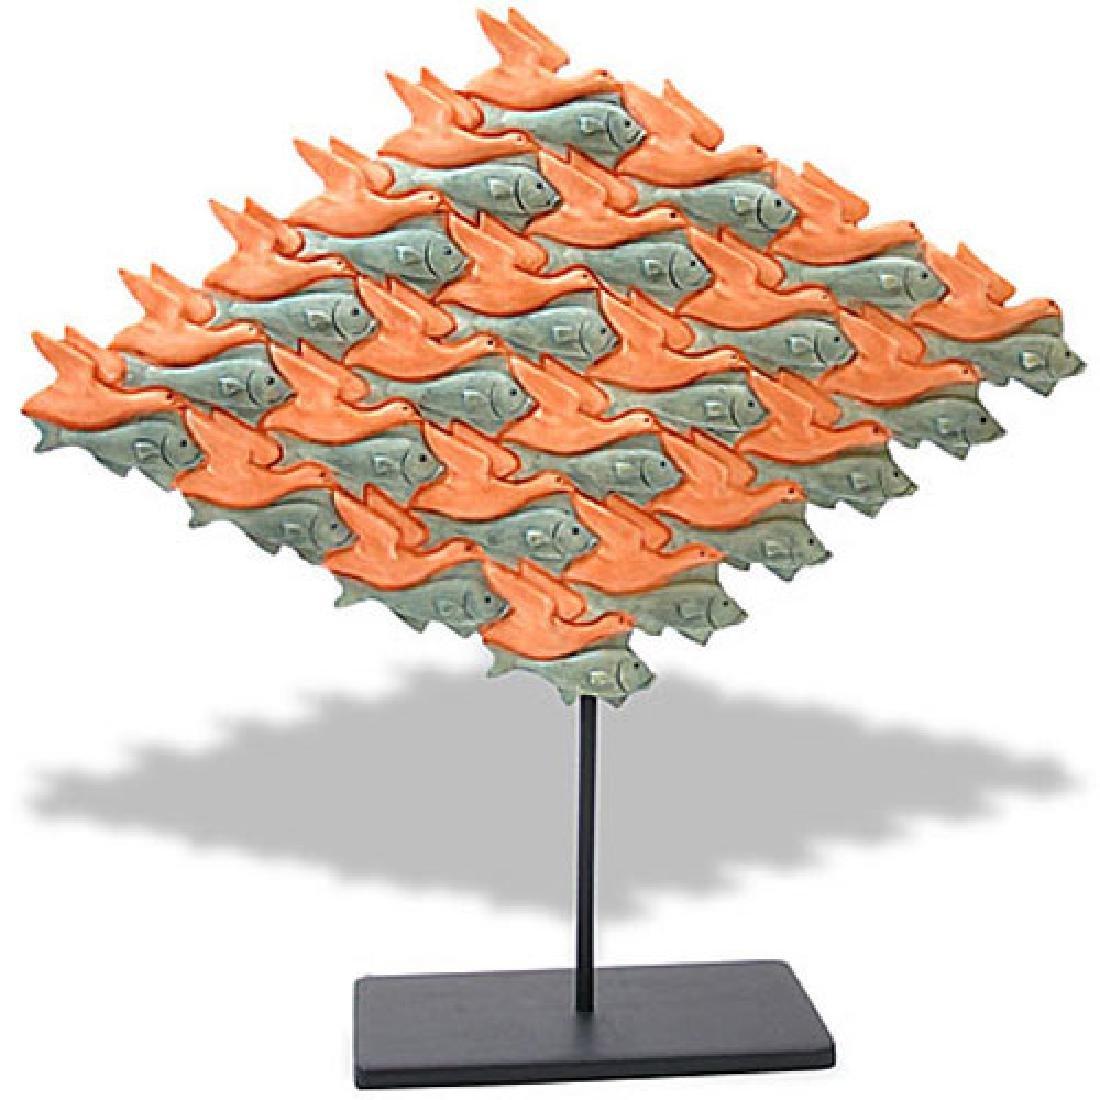 After Maurits Escher: Bird & Fish surface division